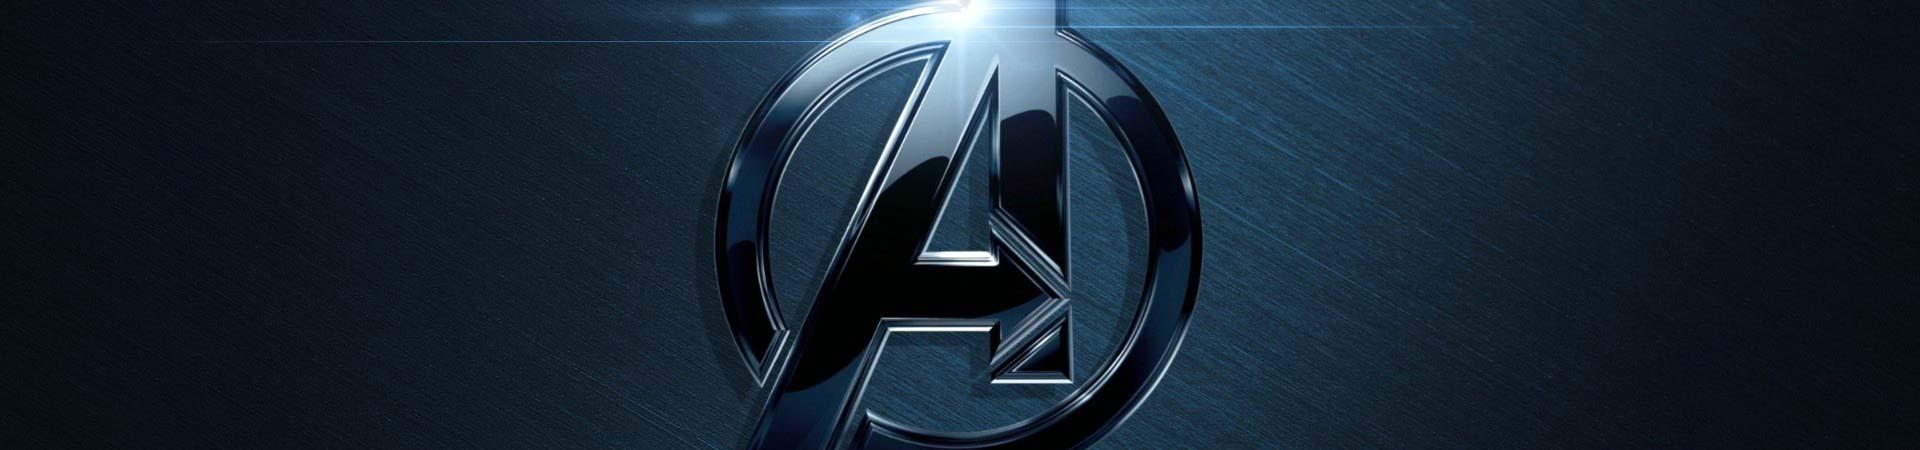 MainSlider-Avengerslogo